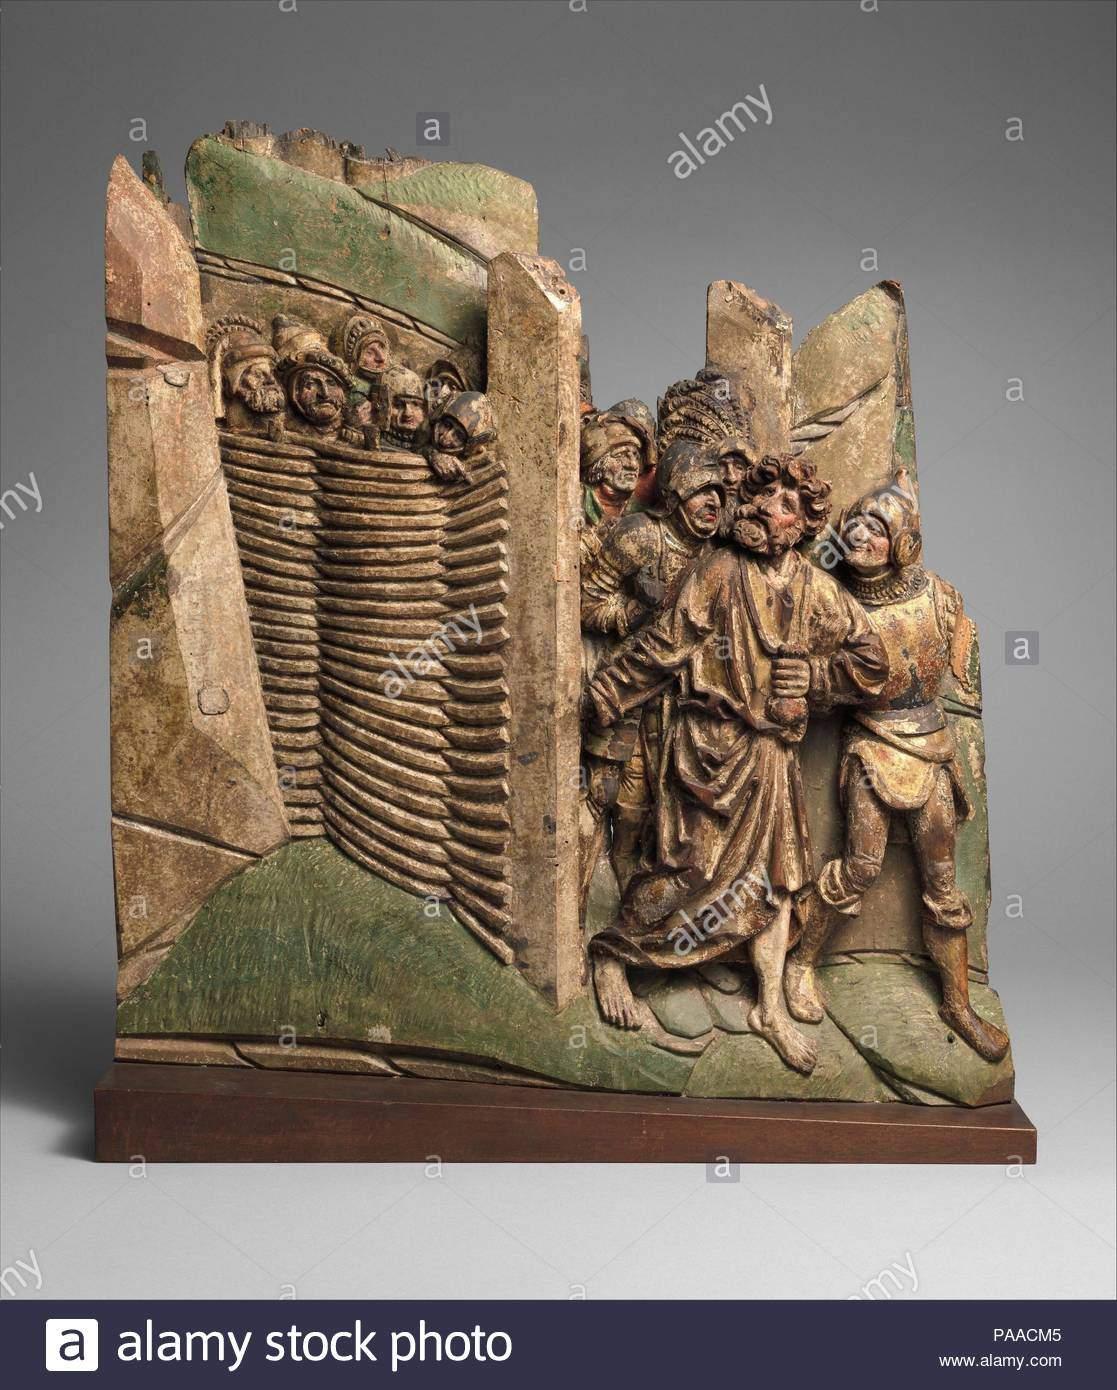 judas in den garten von hsemane zu verraten christus kultur deutsche oder suden niederlandischen abmessungen insgesamt 19 1116 x 18 38 x 1 1516 in 50 x 467 x 5 cm datum 15 museum metropolitan museum of art new york usa paacm5